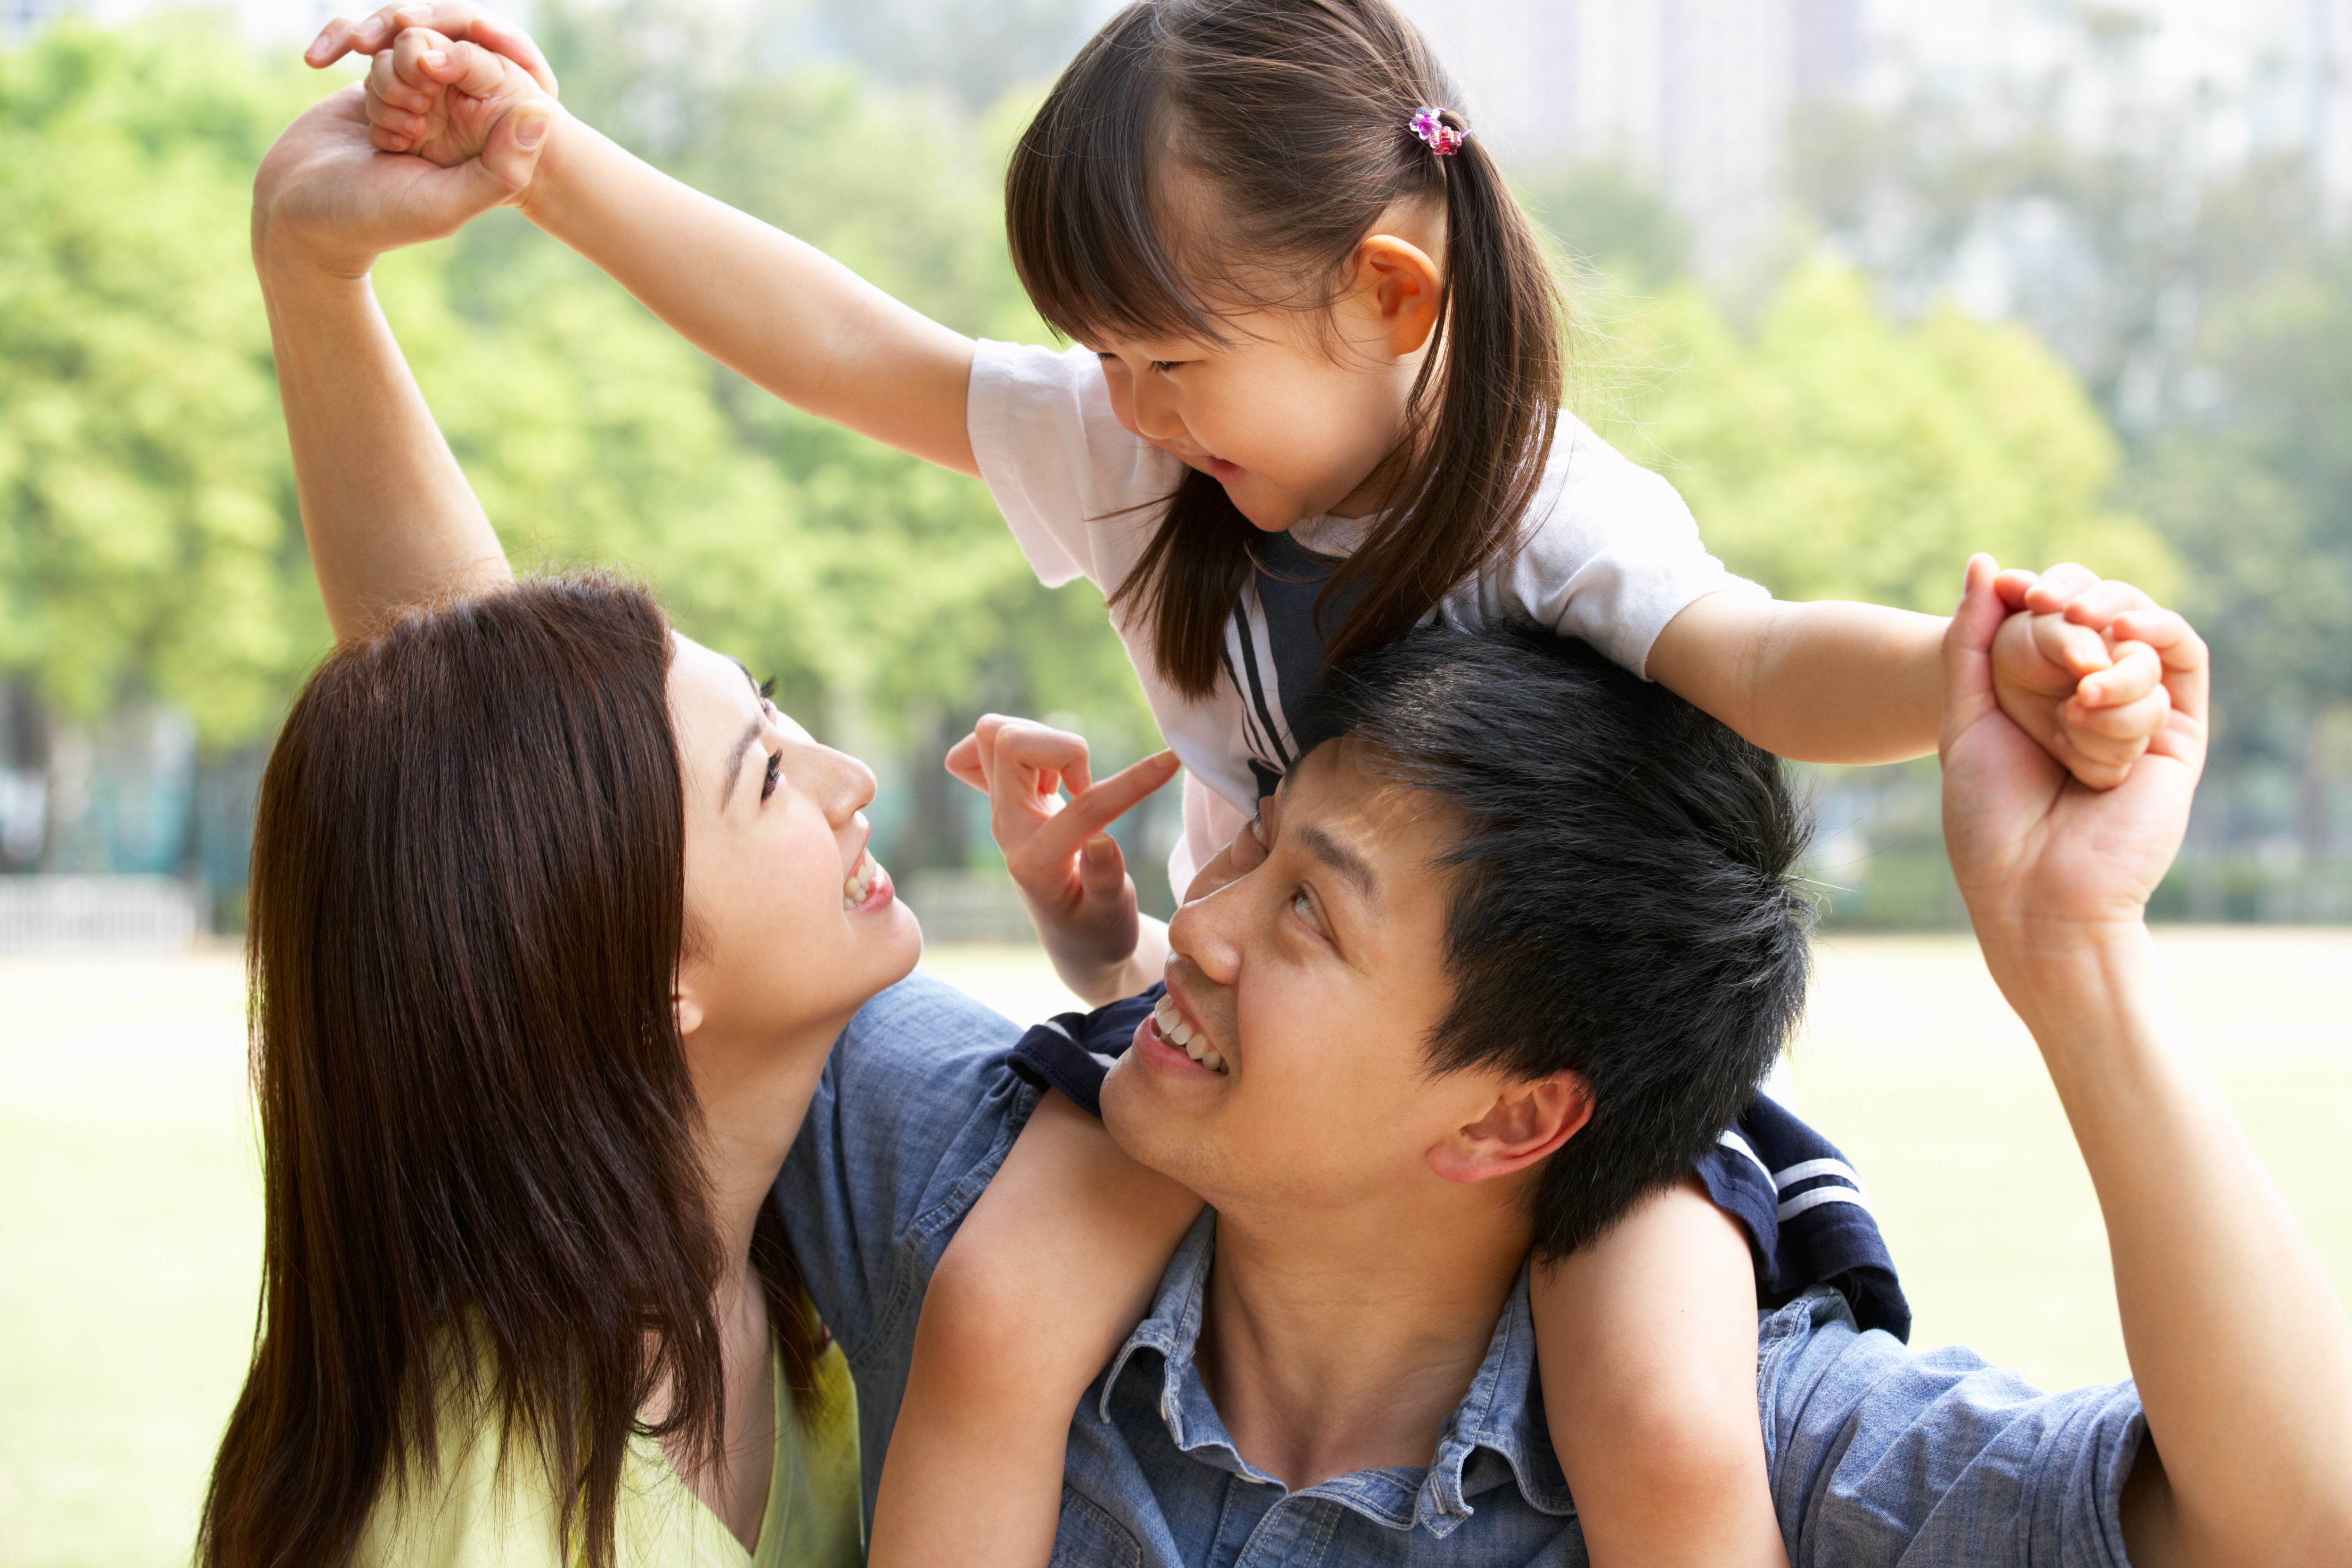 China a renunțat la limita de doi copii impusă familiilor. Acum, cuplurile pot avea trei copii